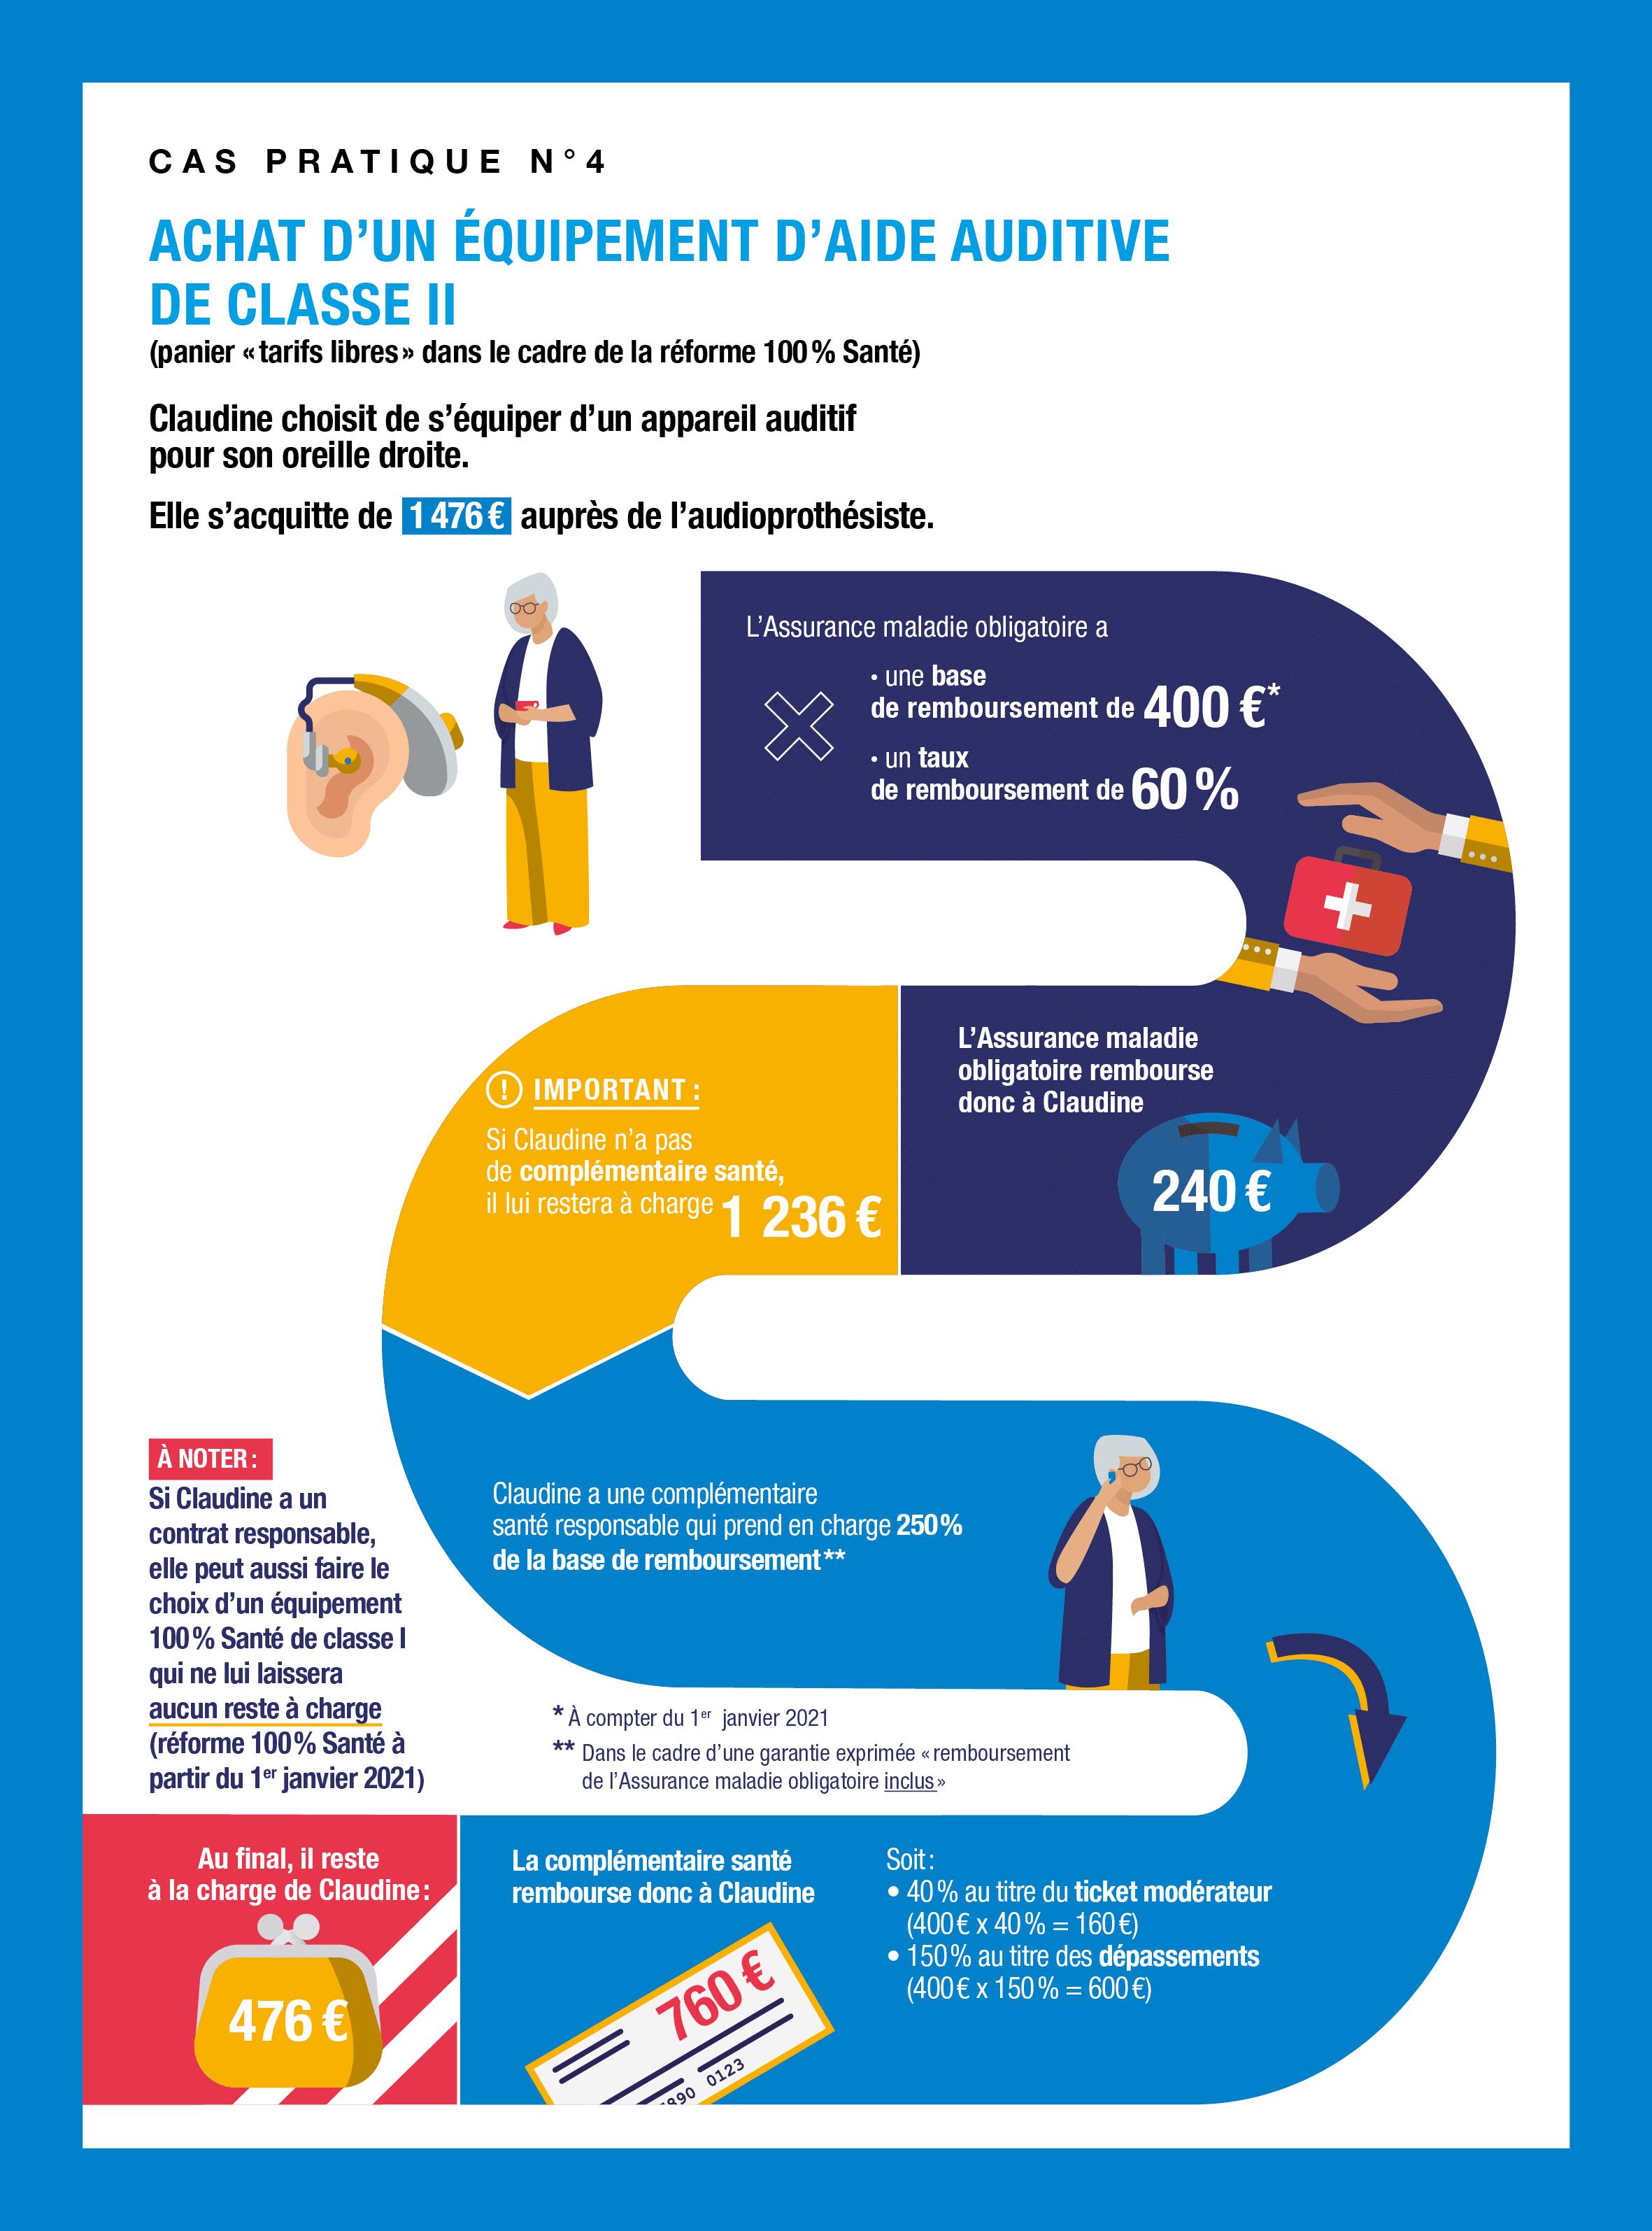 Infographie Achat d'un équipement d'aide auditive de la classe II